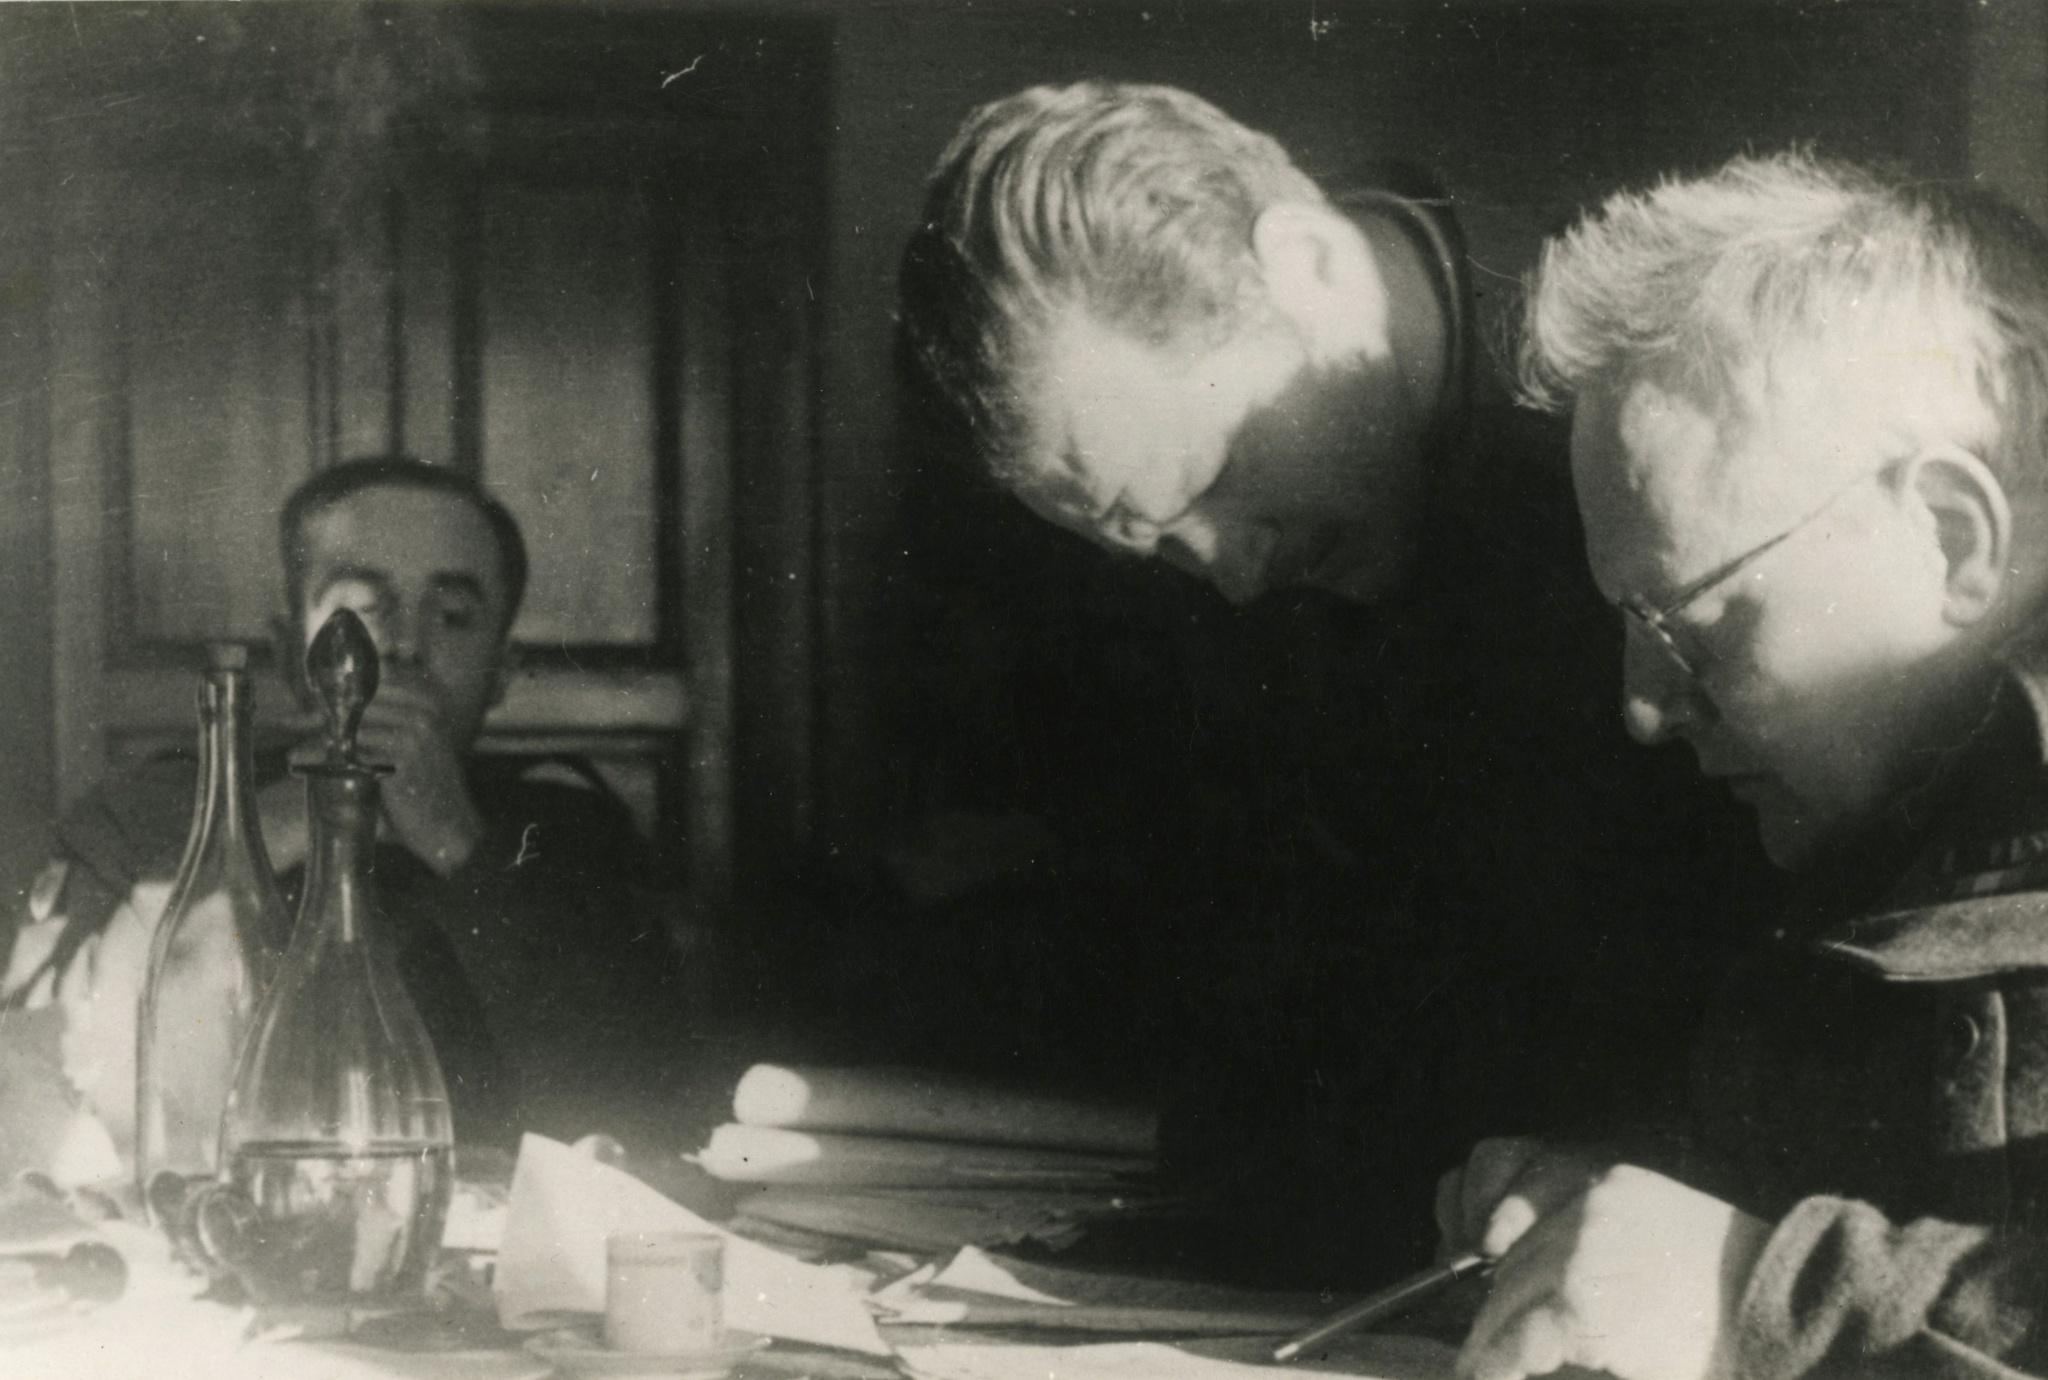 <div class='inner-box'><div class='close-desc'></div><span class='opis'>Jerzy Giedroyc, Gustaw Herling-Grudziński i Melchior Wańkowicz, Rzym 1945 r.</span><div class='clearfix'></div><span>Sygn. FIL00275</span><div class='clearfix'></div><span>© Instytut Literacki</span></div>